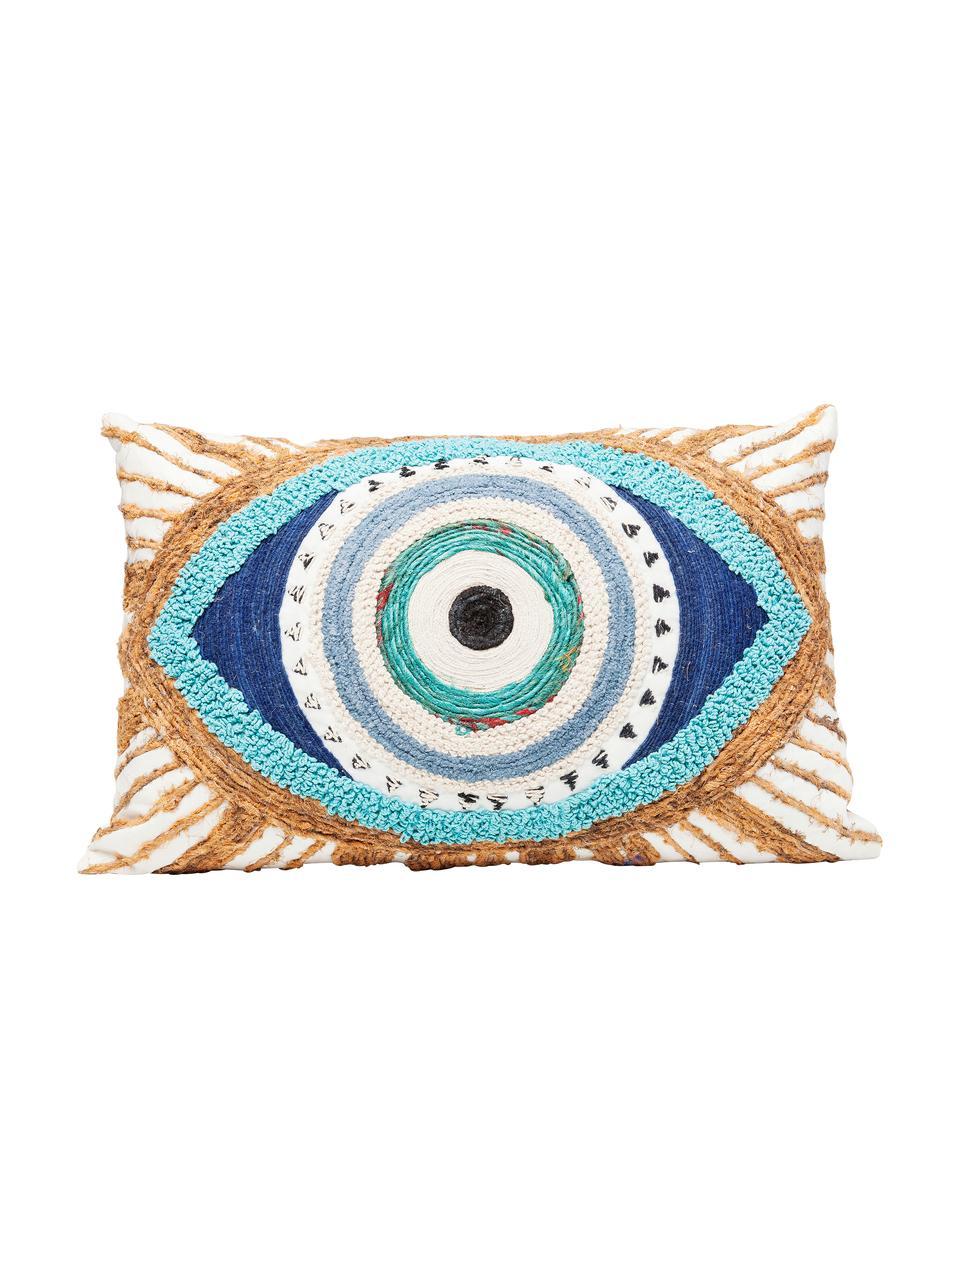 Geborduurd kussen Ethno Eye met juten decoratie, met vulling, Decoratie: jute, Wit, beige, blauw, 35 x 55 cm